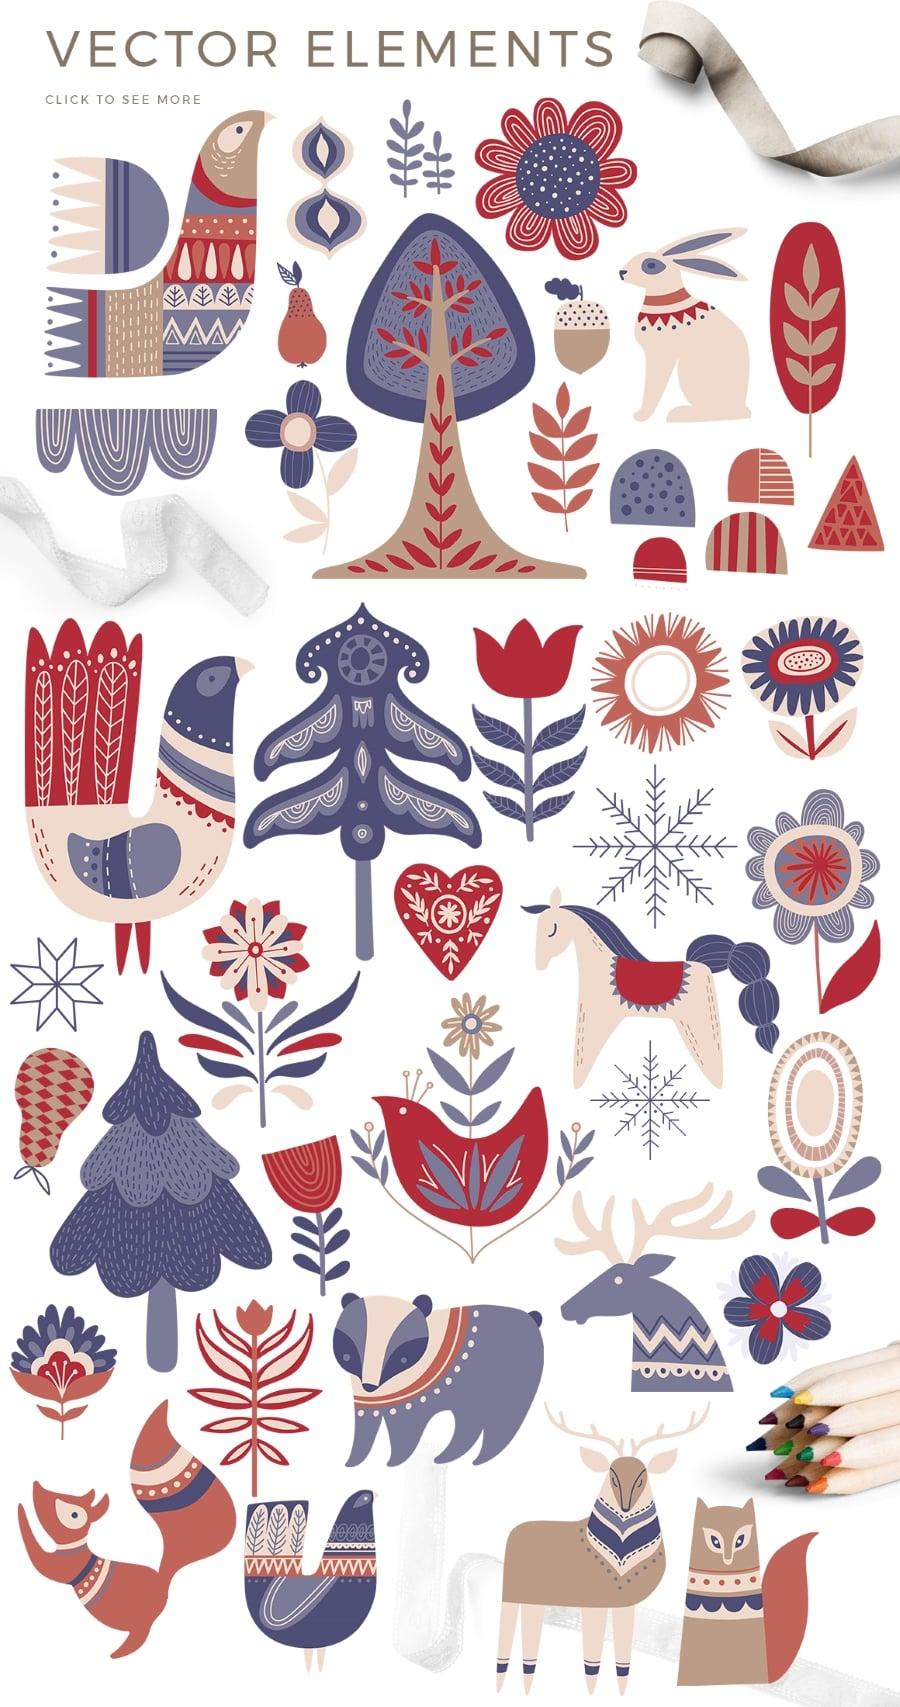 Scandinavian Winter Bundle: 80 Vector and Raster Elements - $15 - prev4